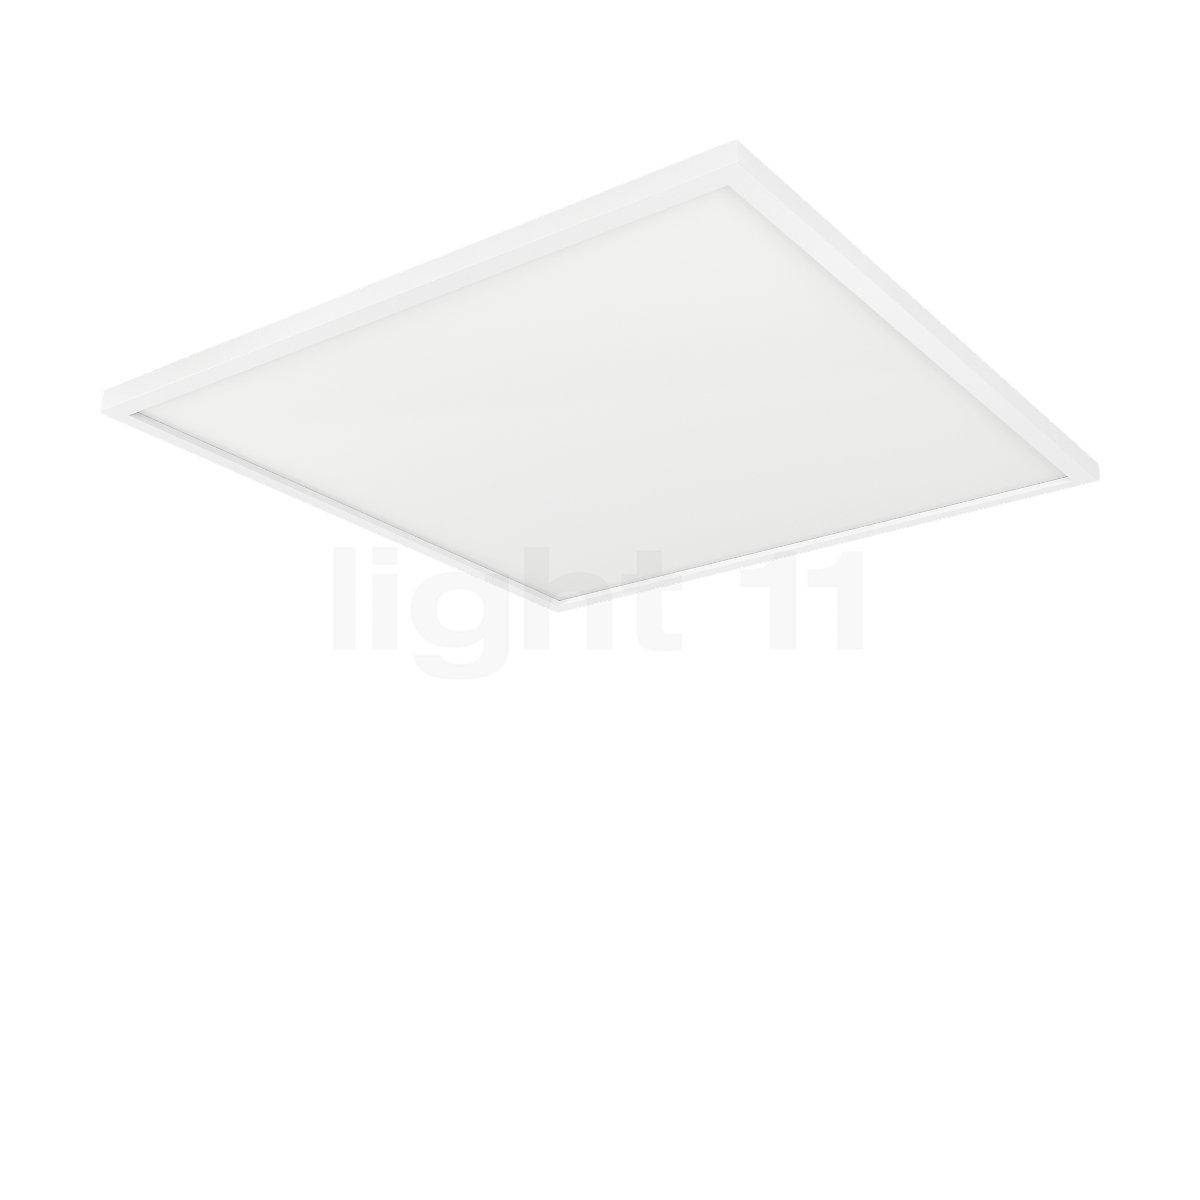 Philips Hue Aurelle Deckenleuchte quadratisch LED